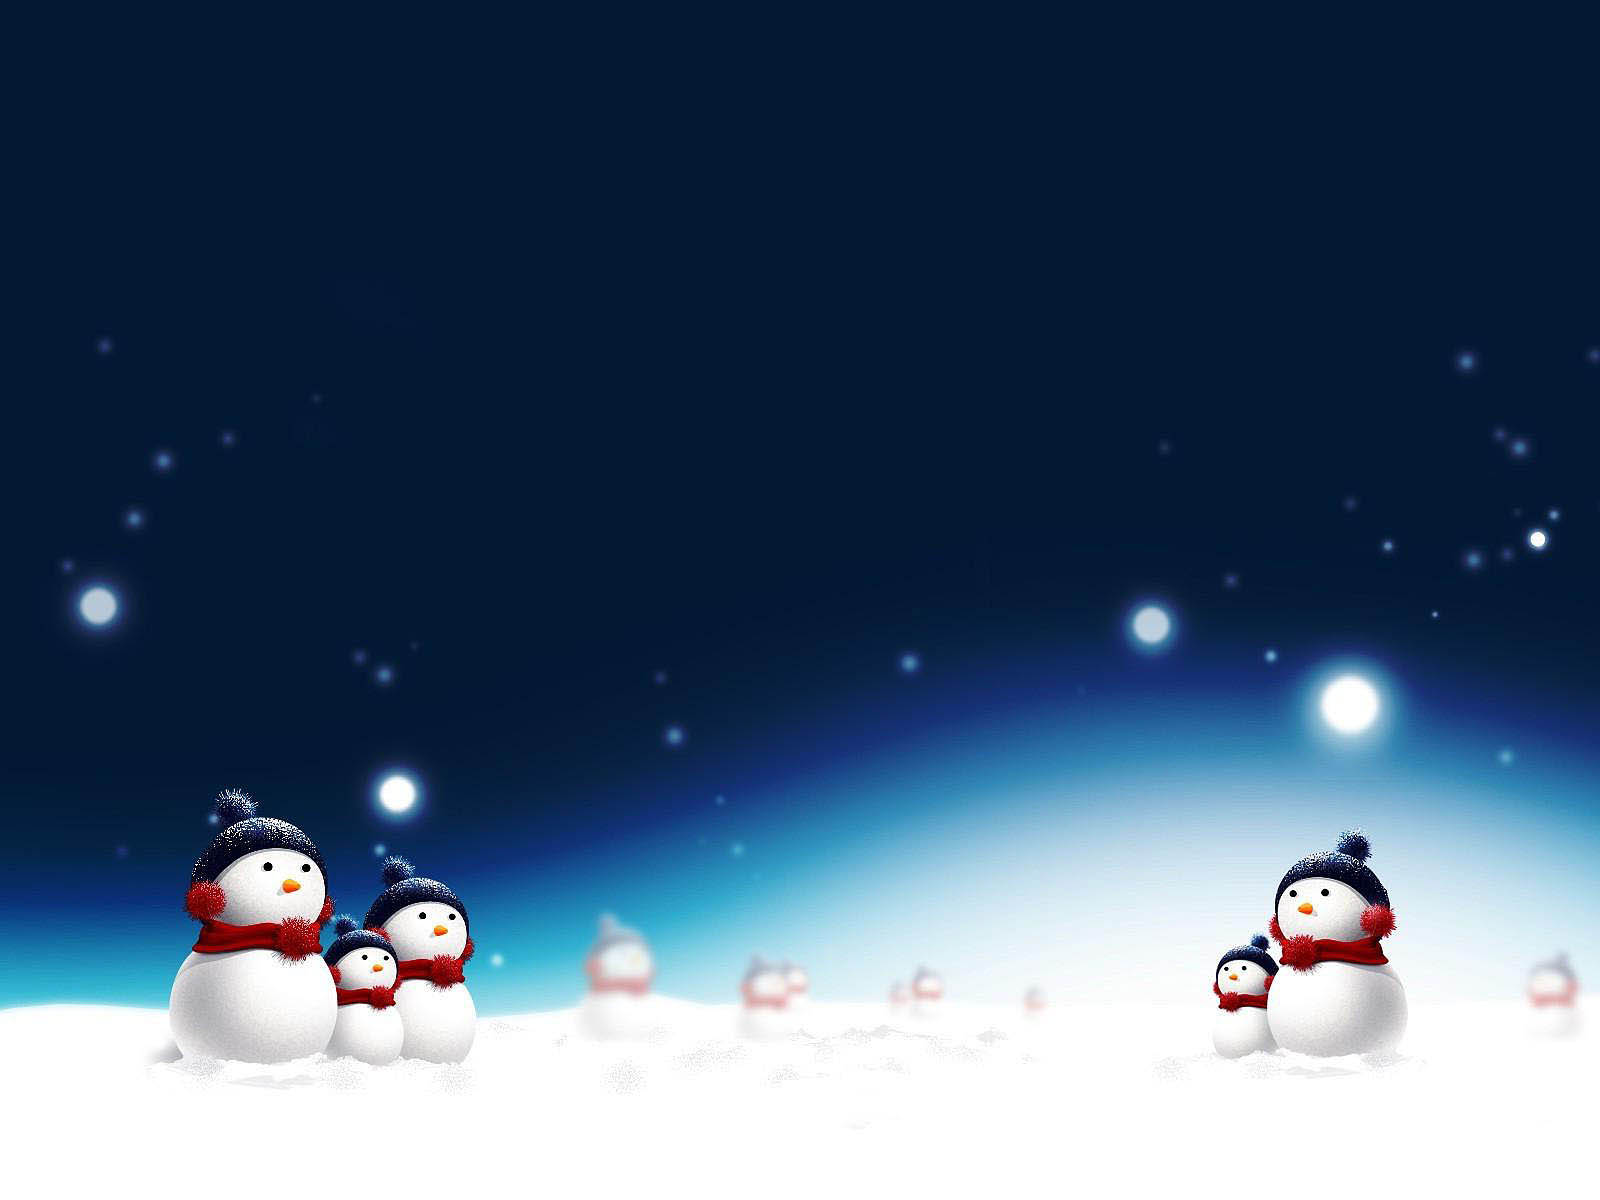 Snowman Wallpaper Free Download